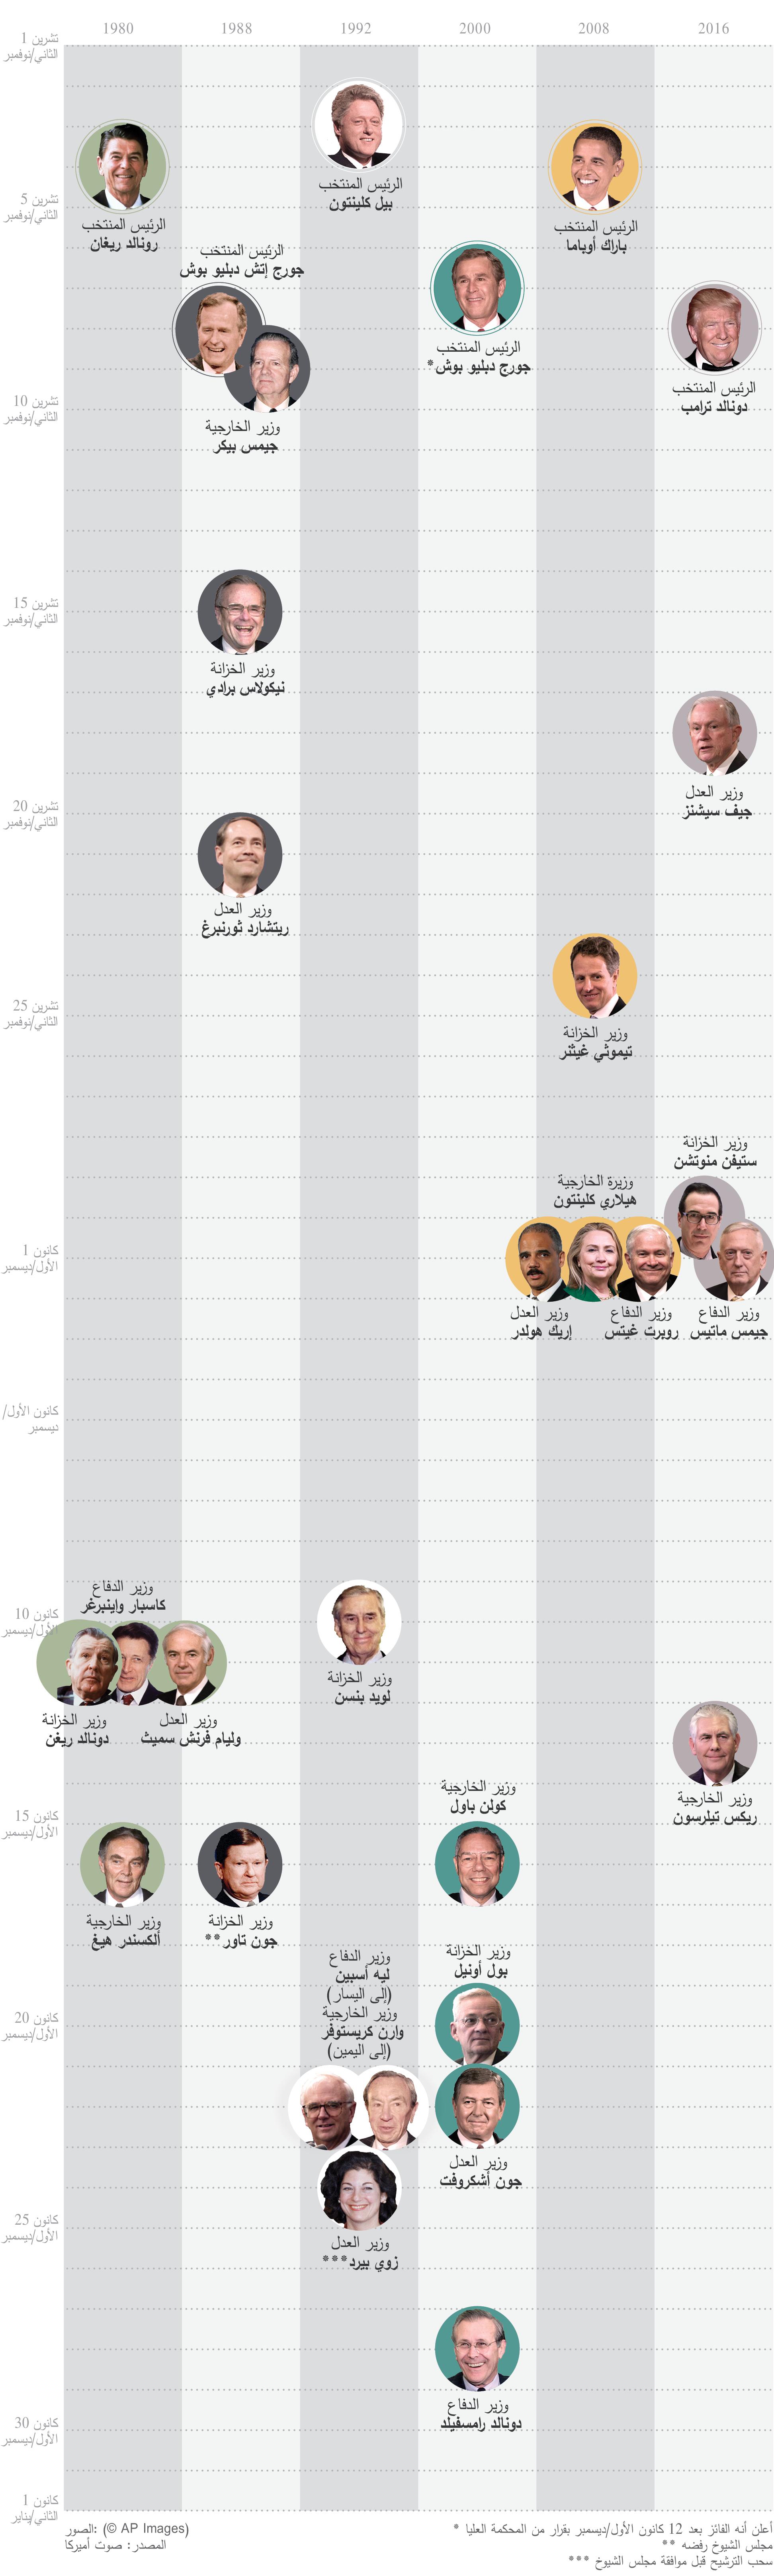 Cabinet Members_Arabic